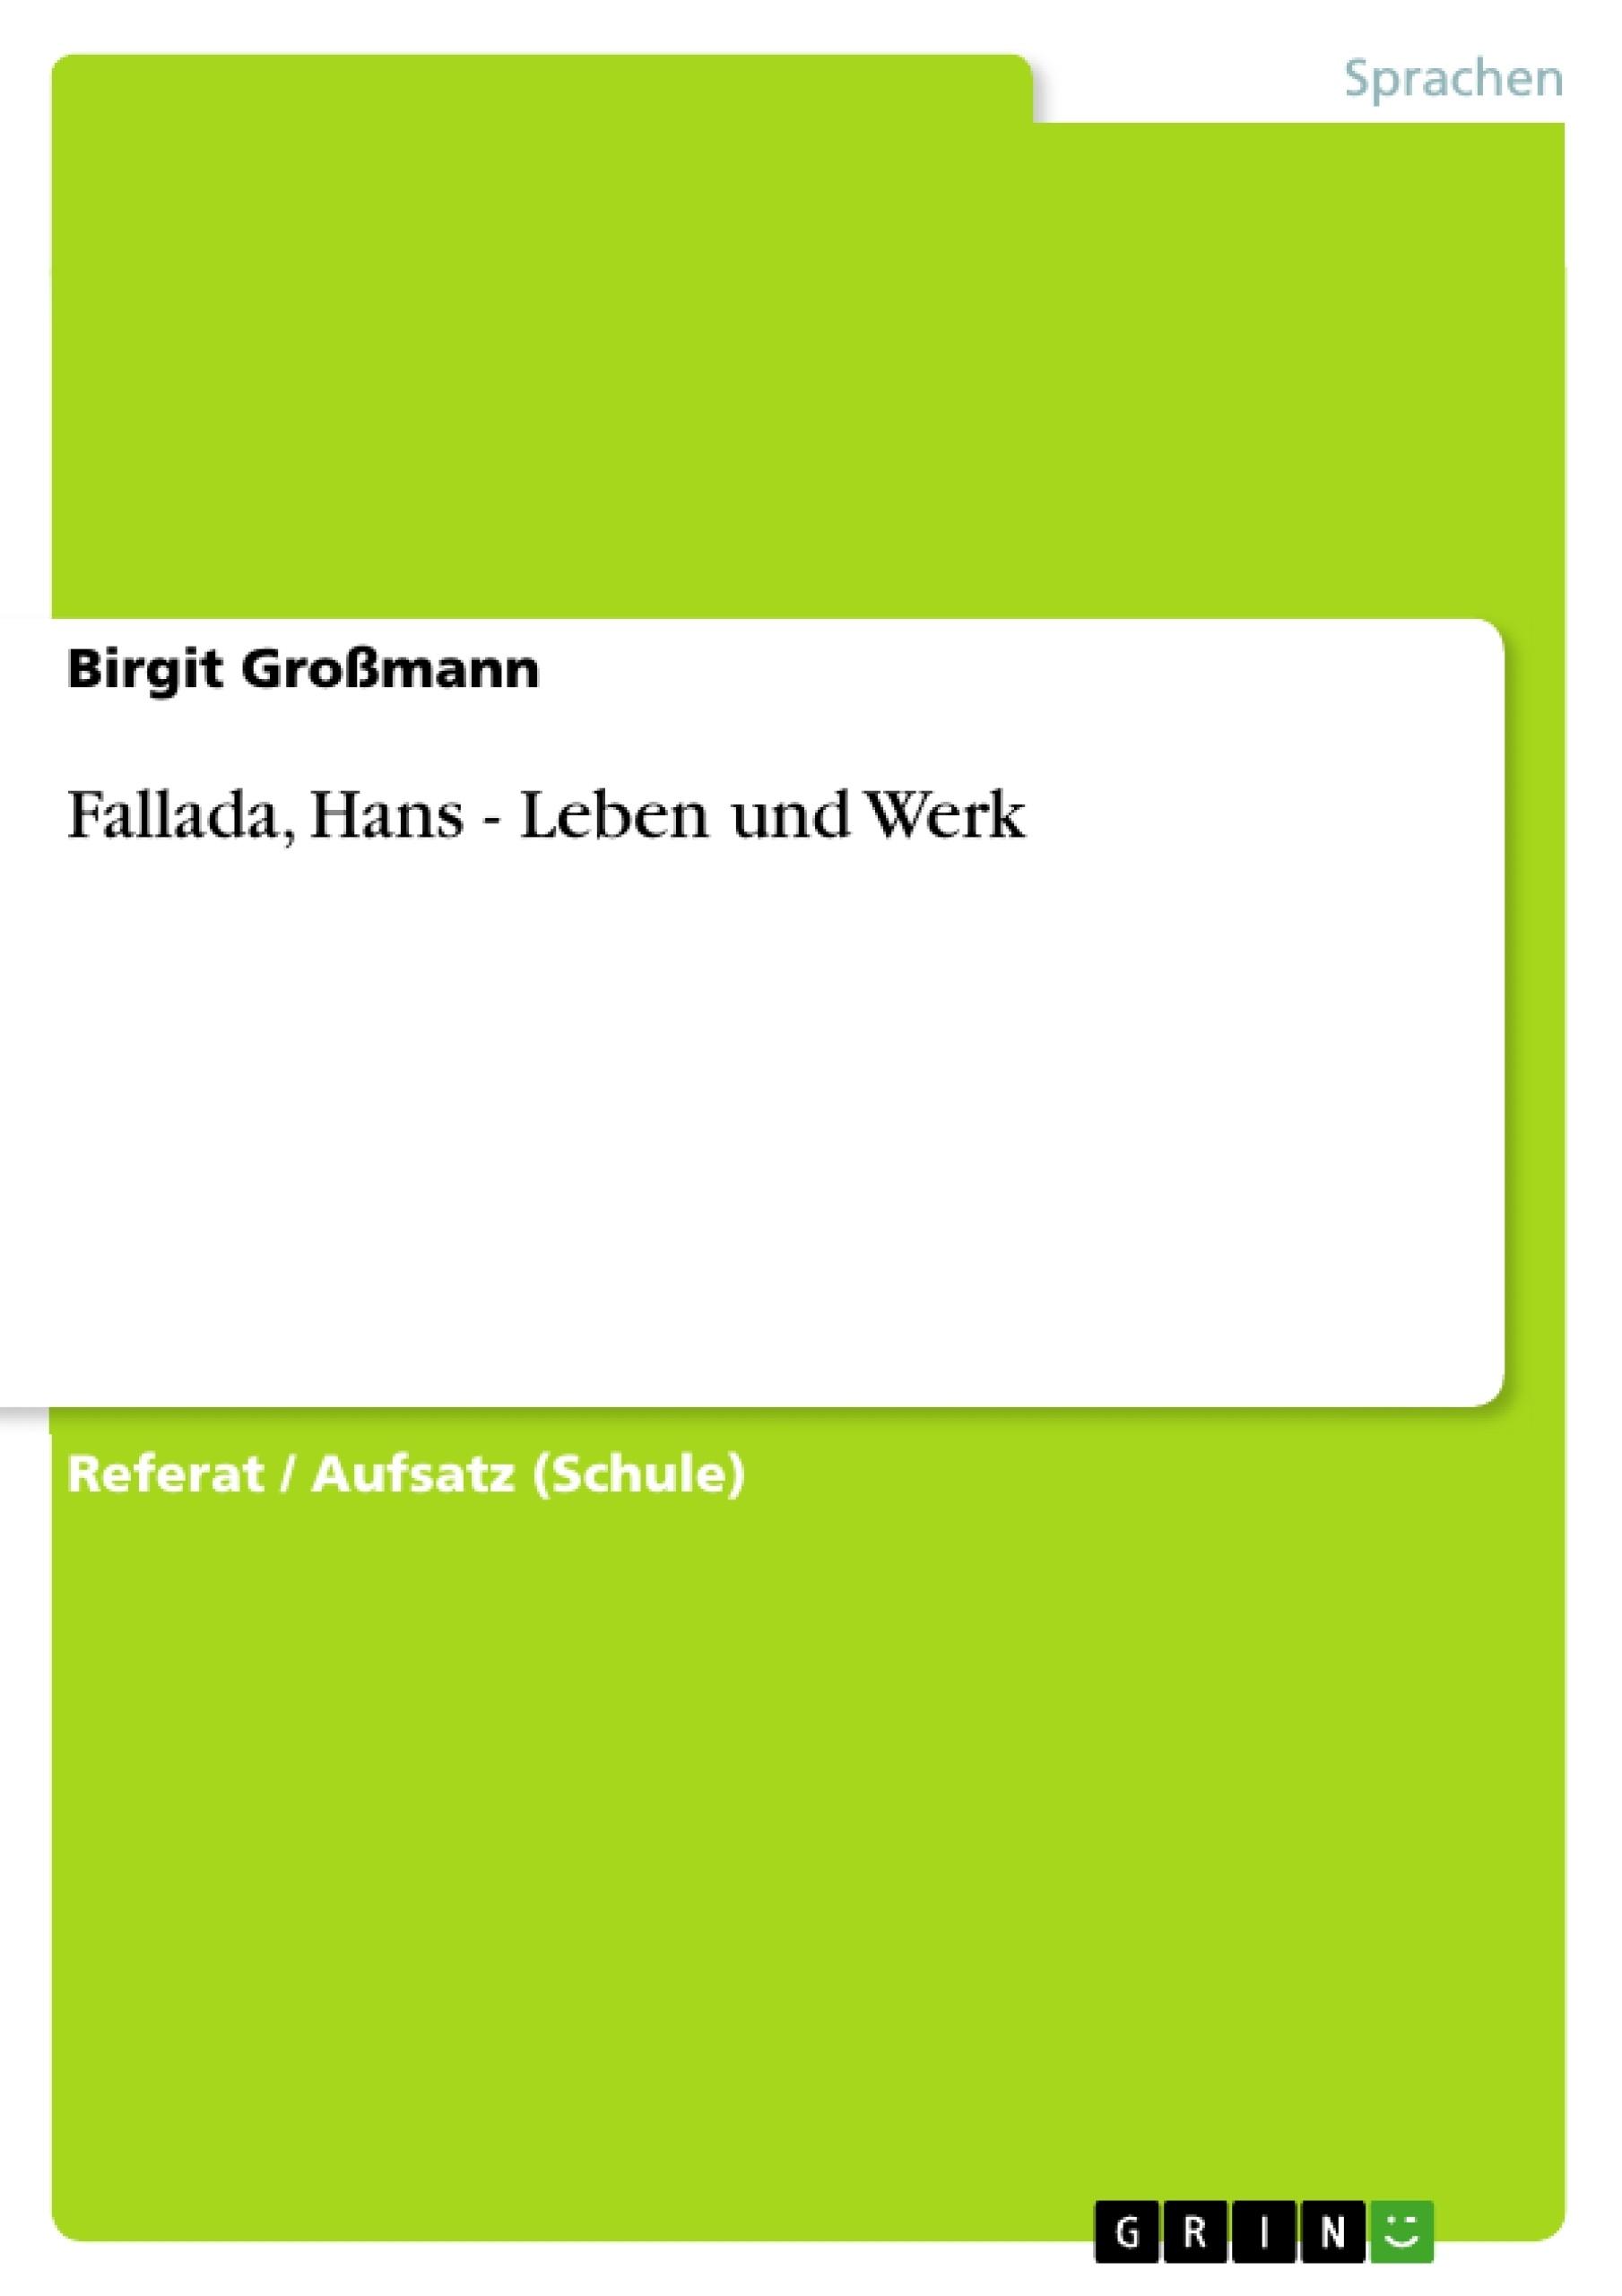 Titel: Fallada, Hans - Leben und Werk